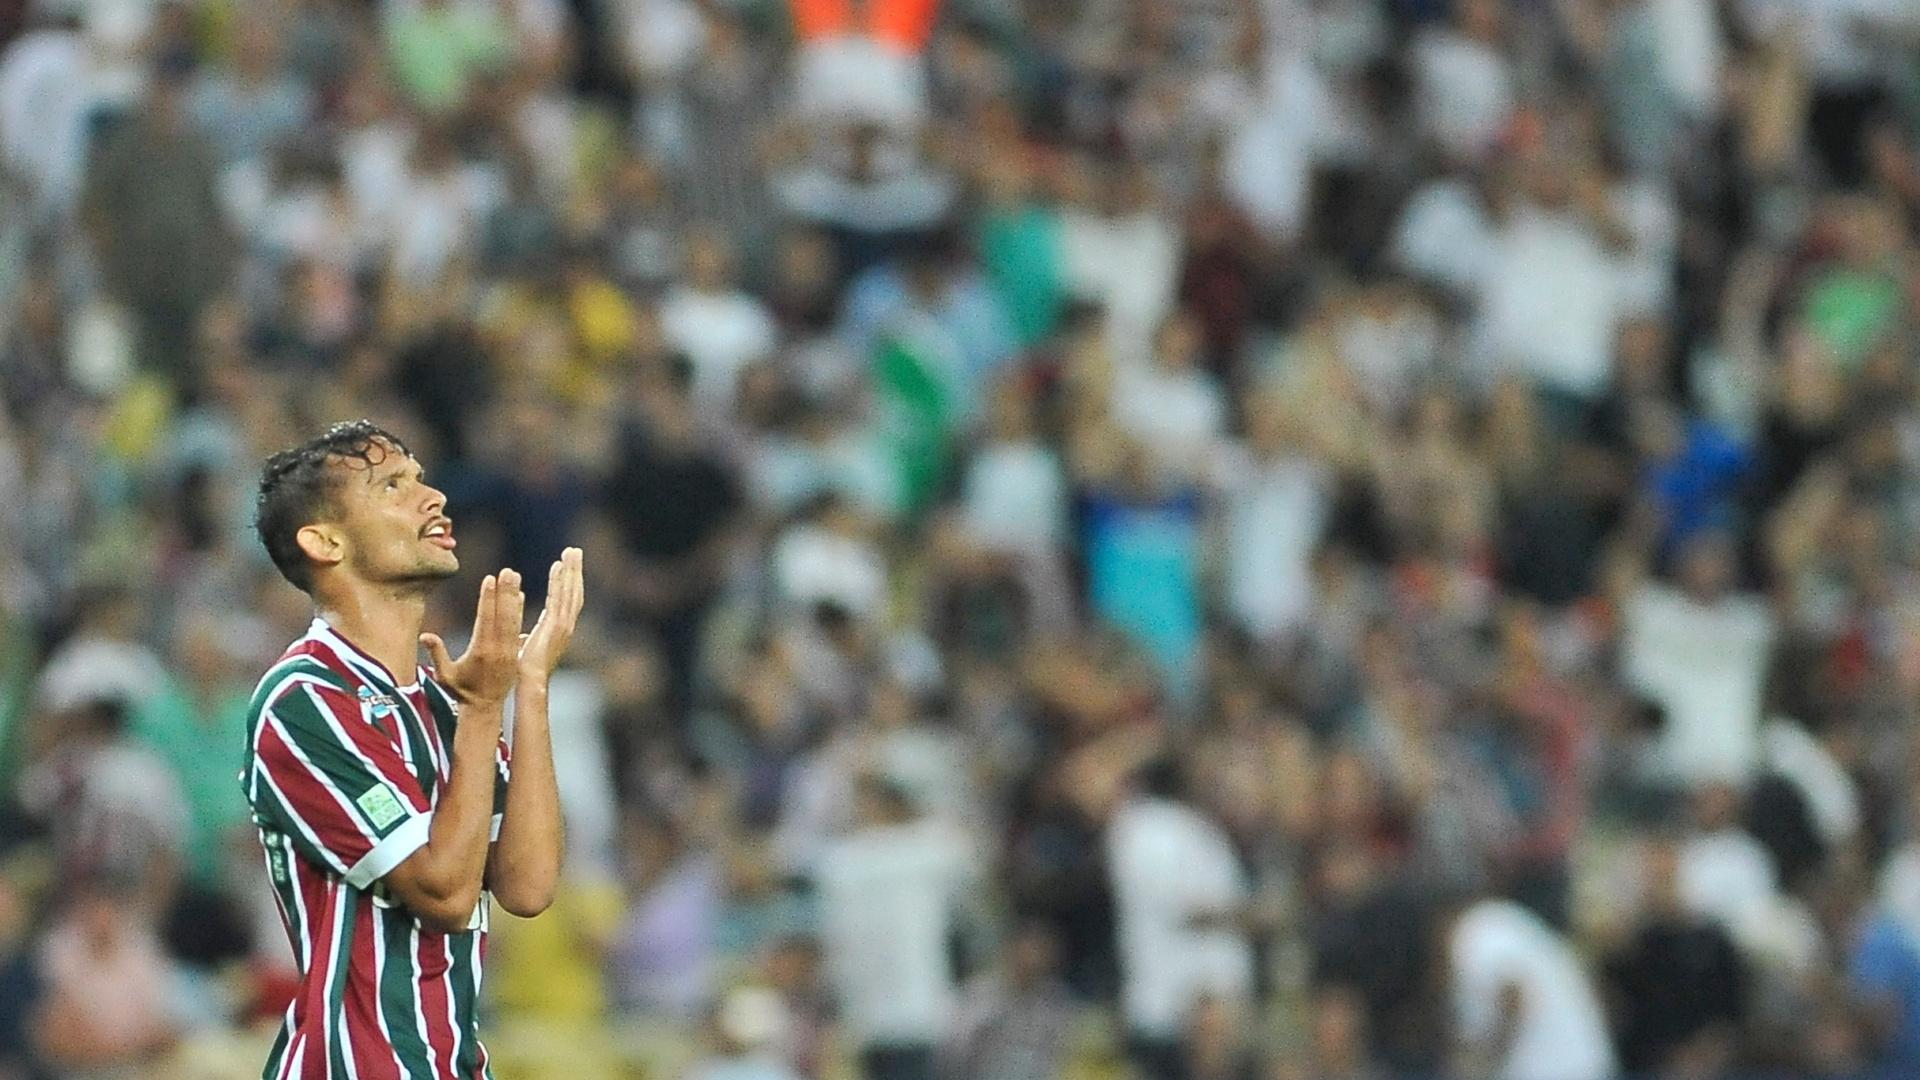 Gustavo Scarpa durante o duelo do Fluminense contra o Atlético-PR no Maracanã